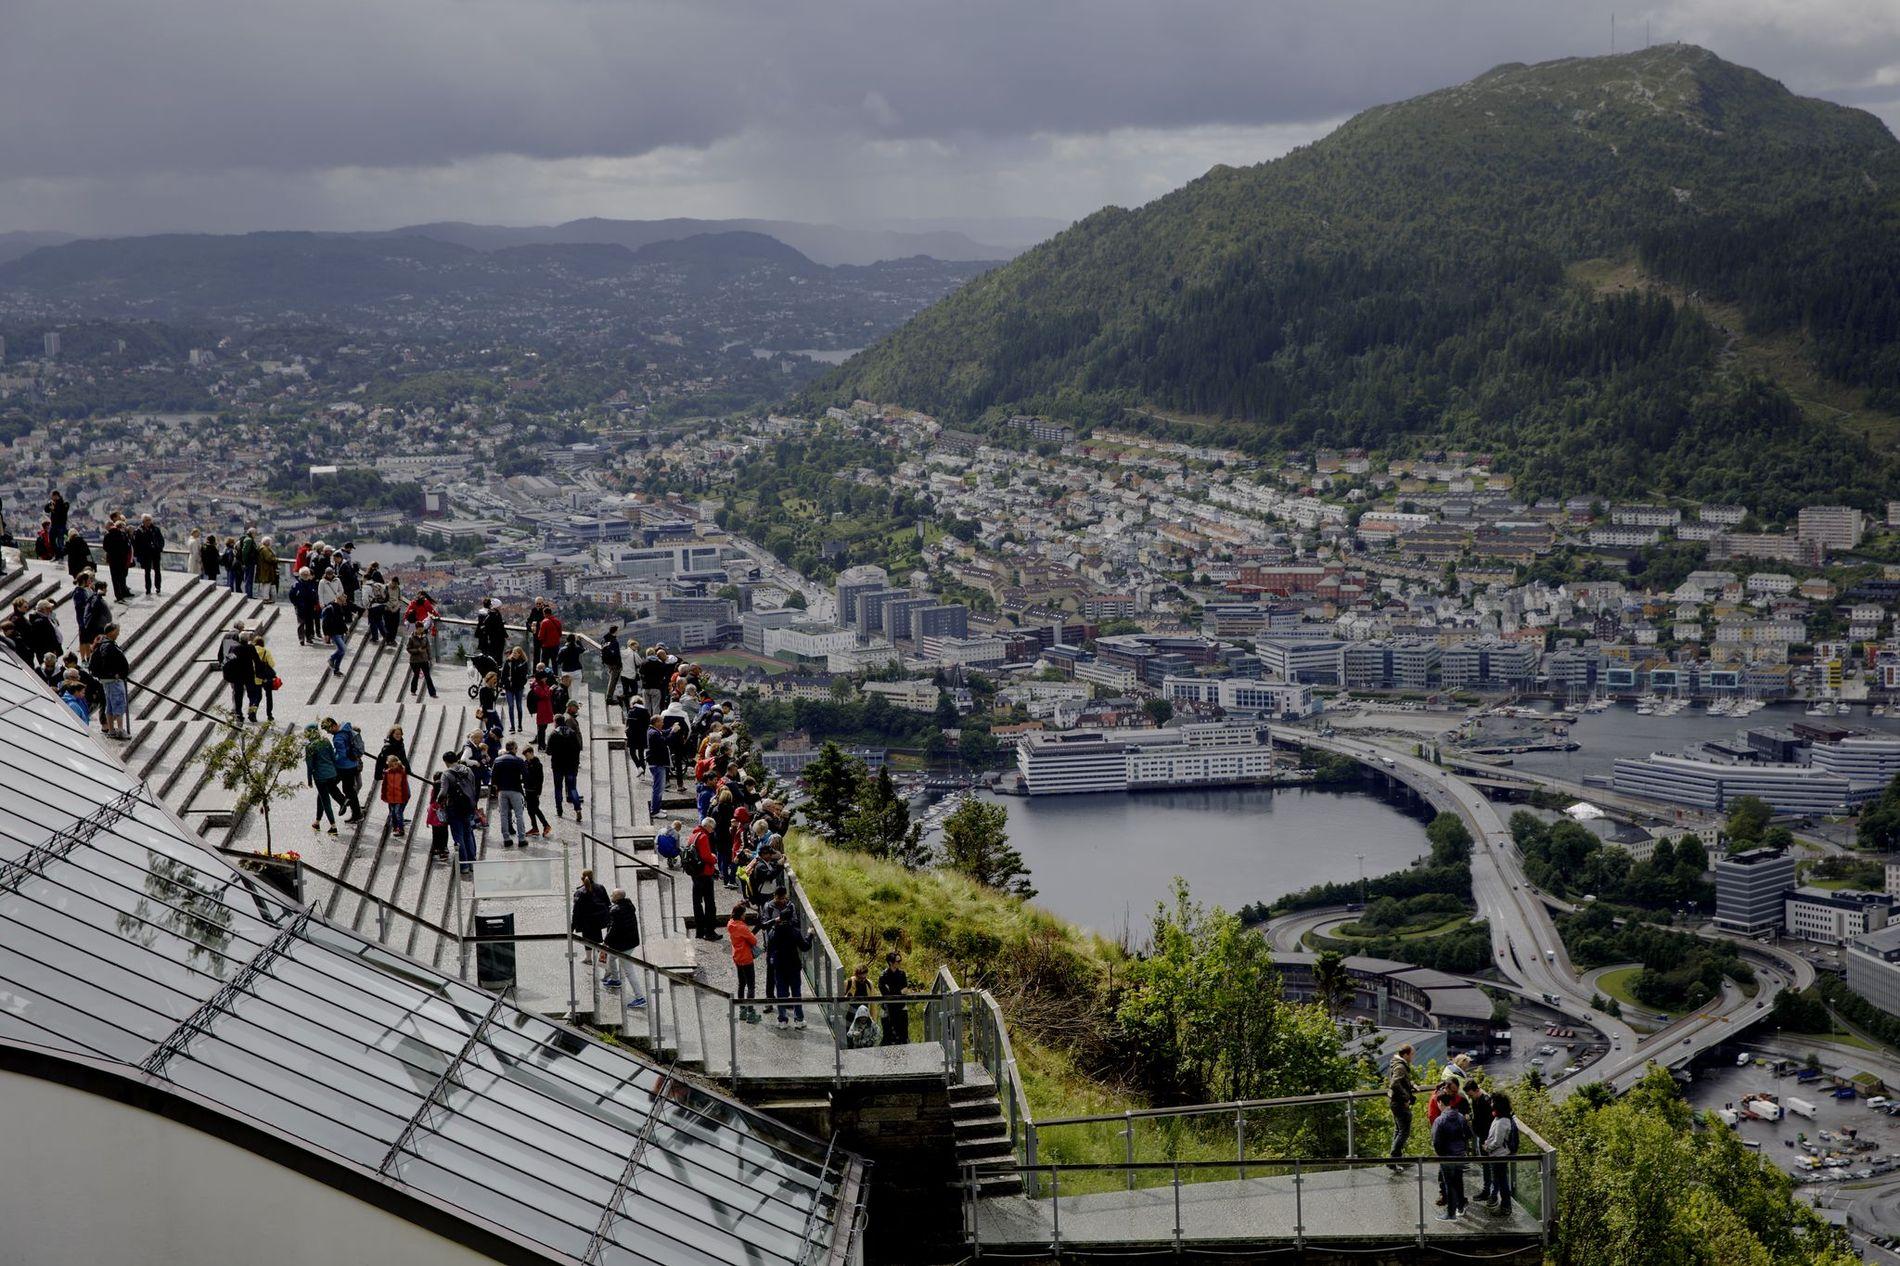 UTFORDRING: Om sommeren er det i overkant mye folk i området rundt Fløibanen, skriver Anders Nyland.